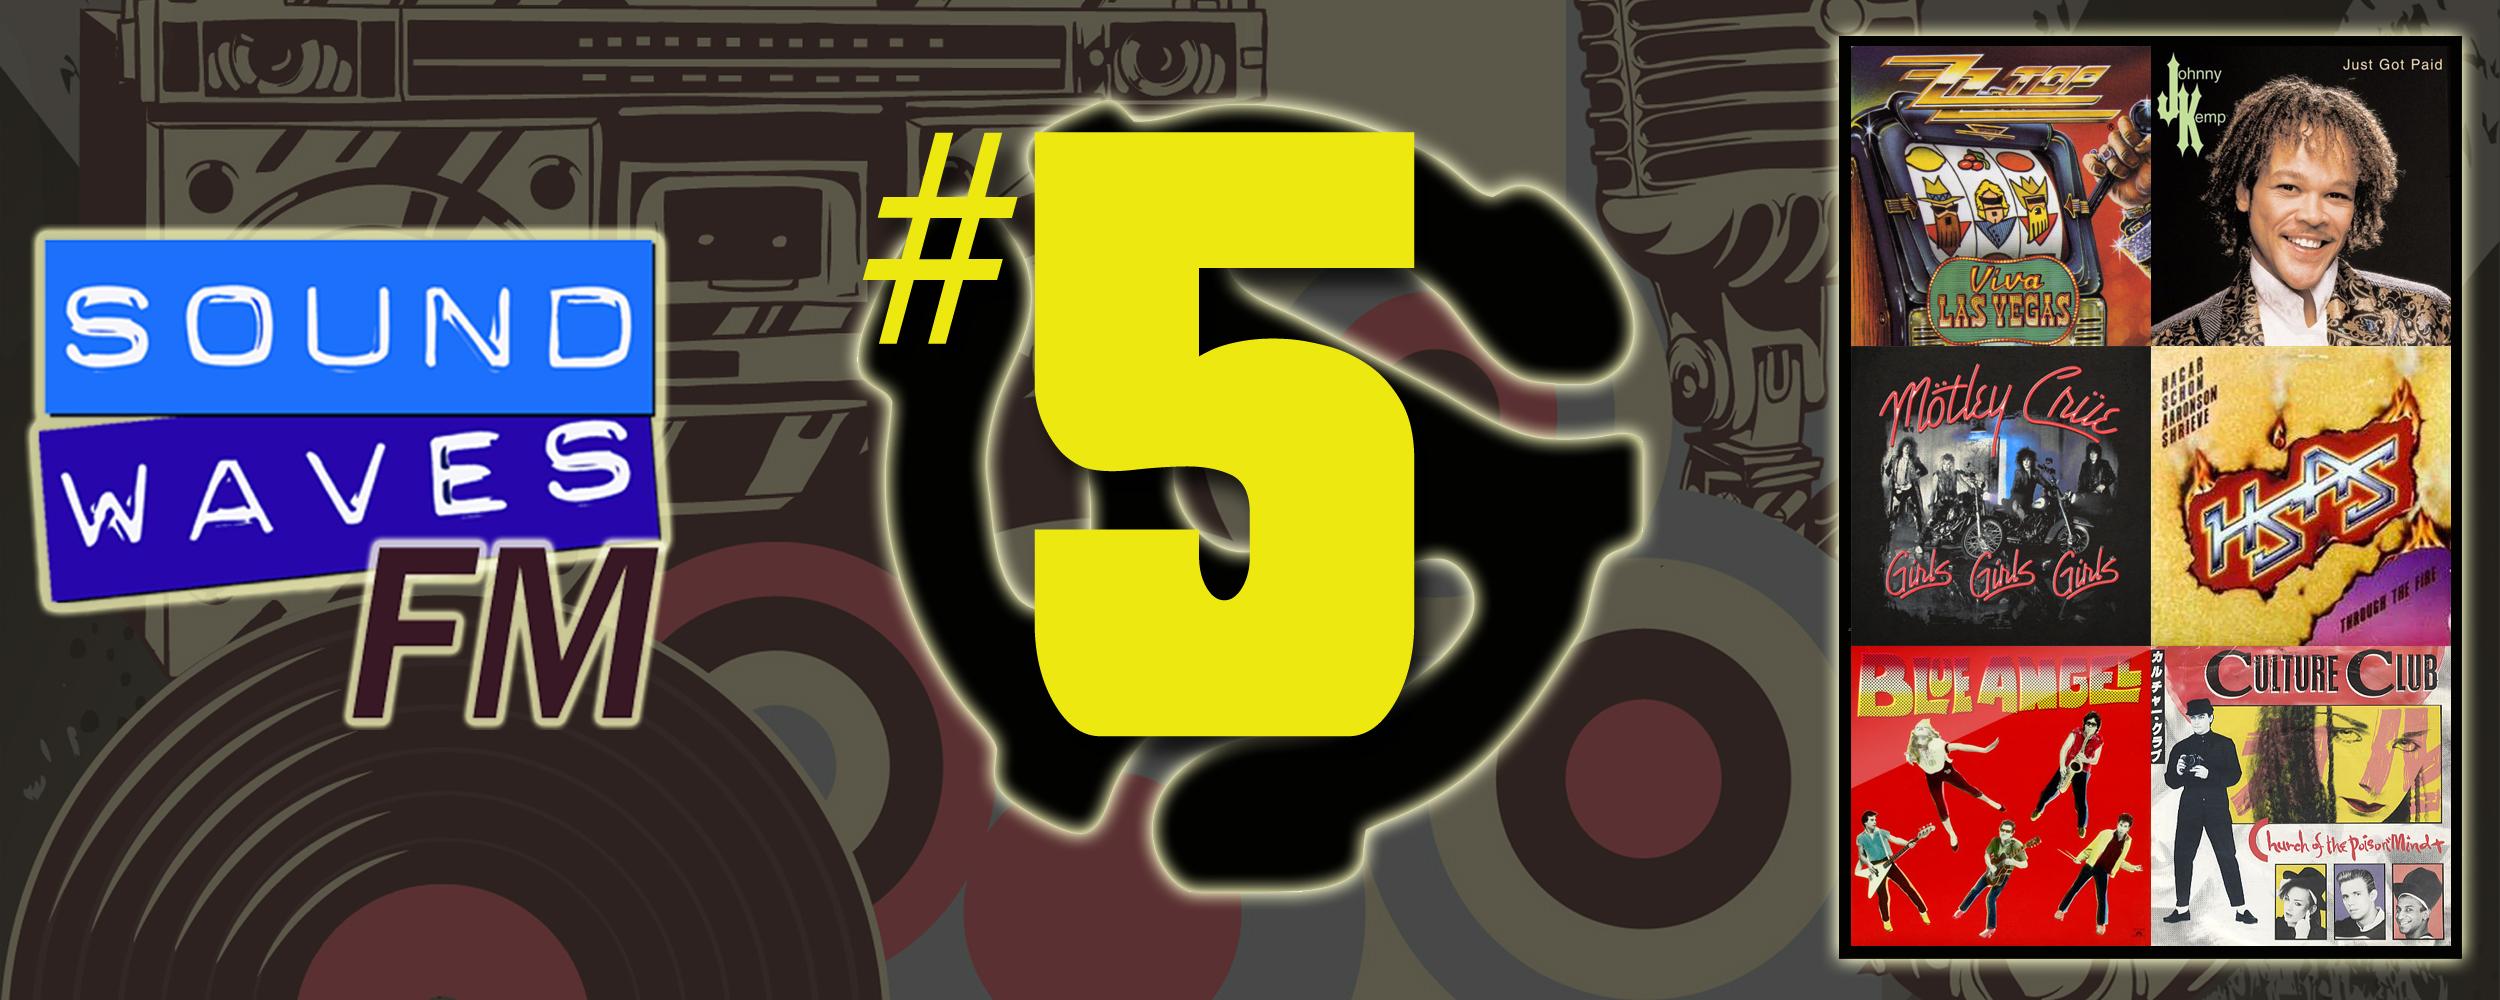 Soundwaves FM: Episode 5